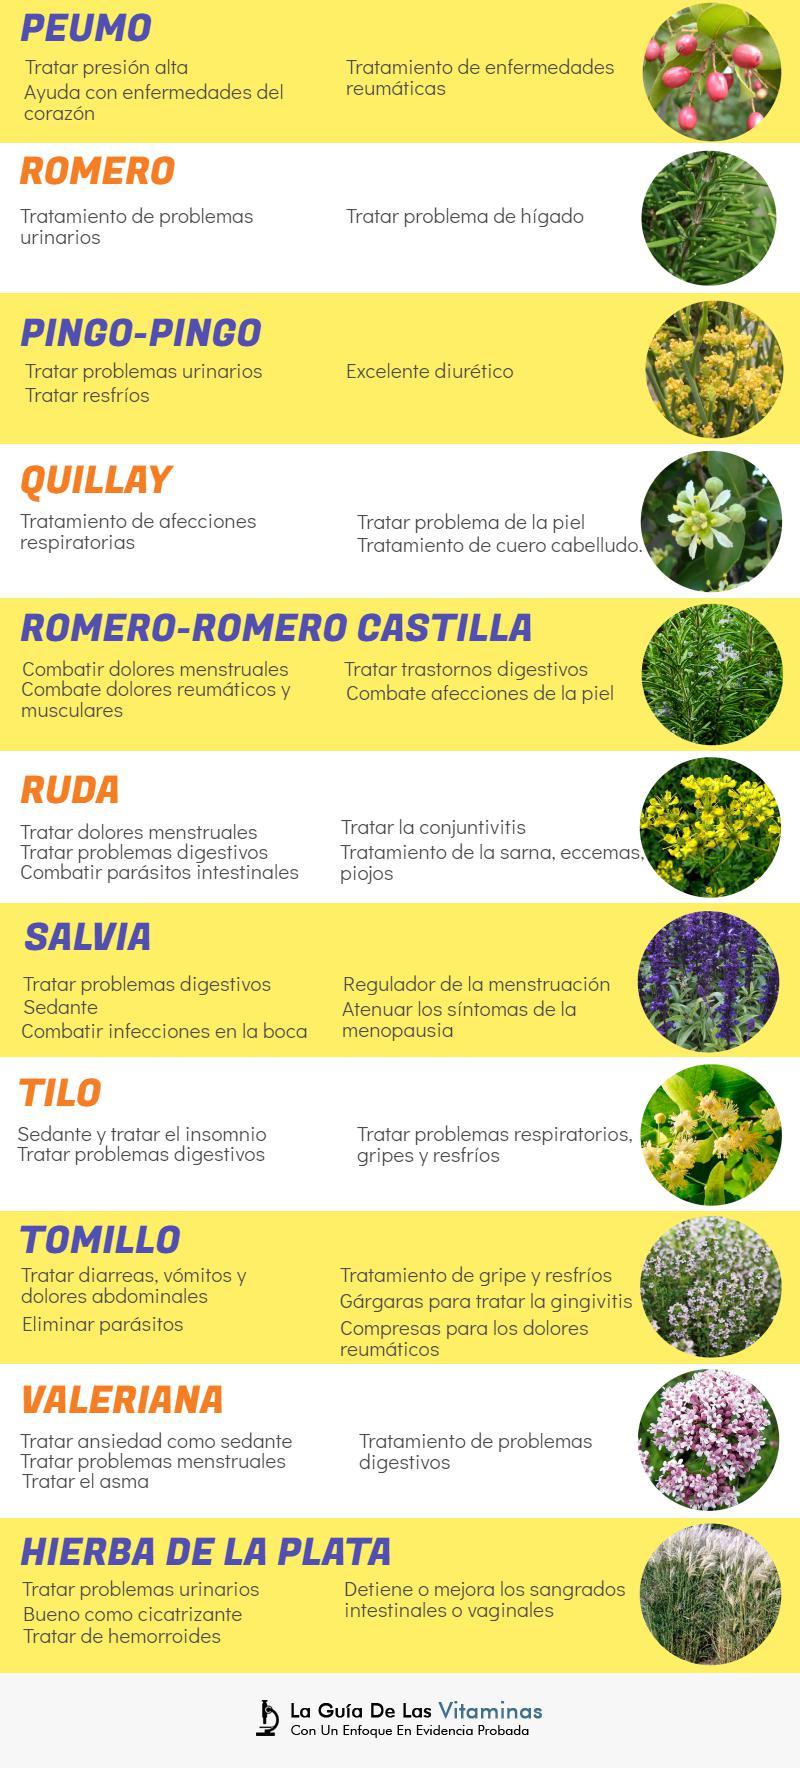 44 plantas medicinales para qu sirven y como cultivarlas for Como se llaman las plantas ornamentales